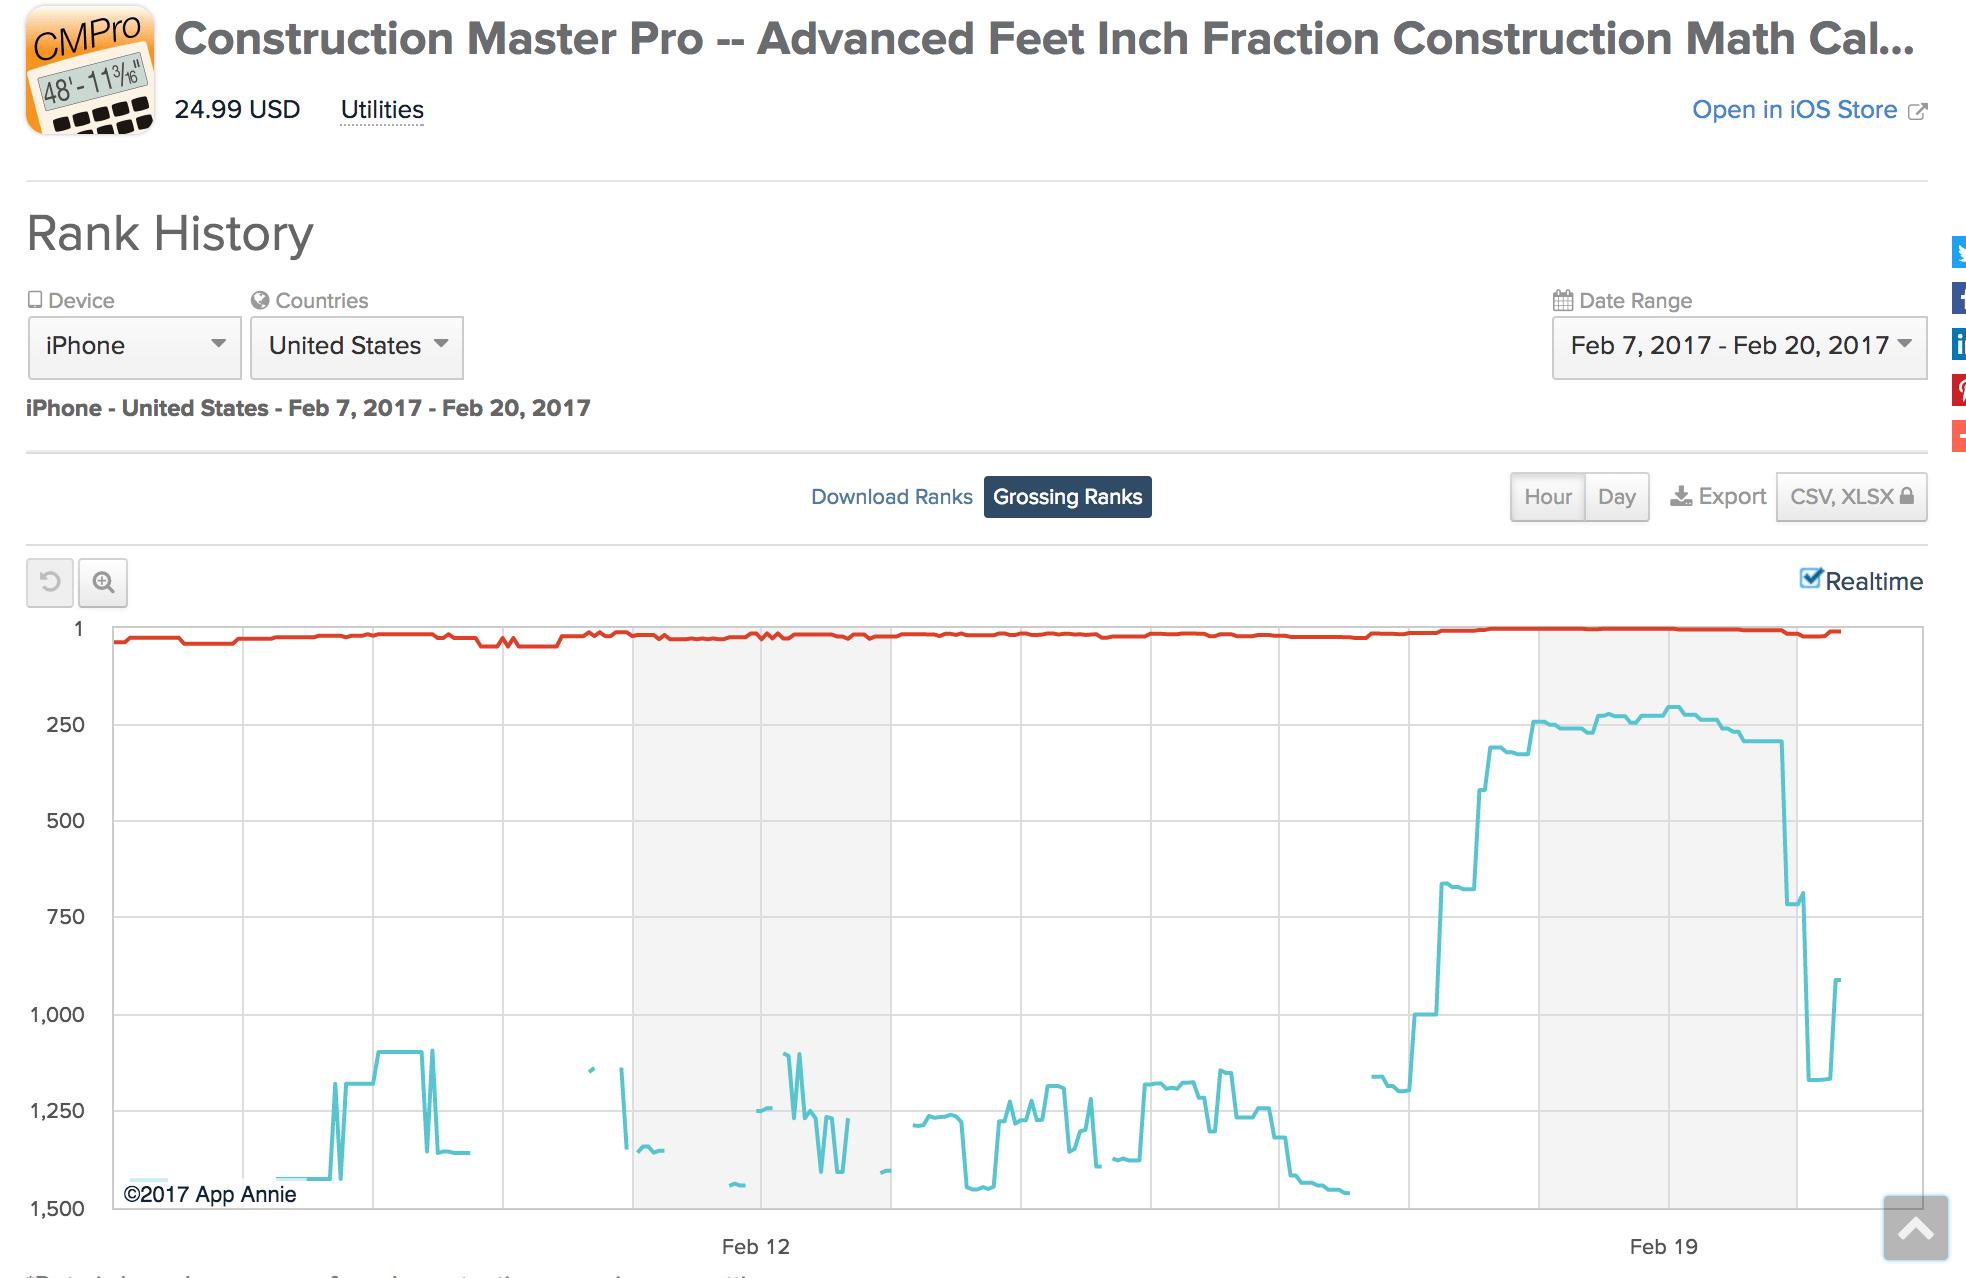 construction master pro rank history